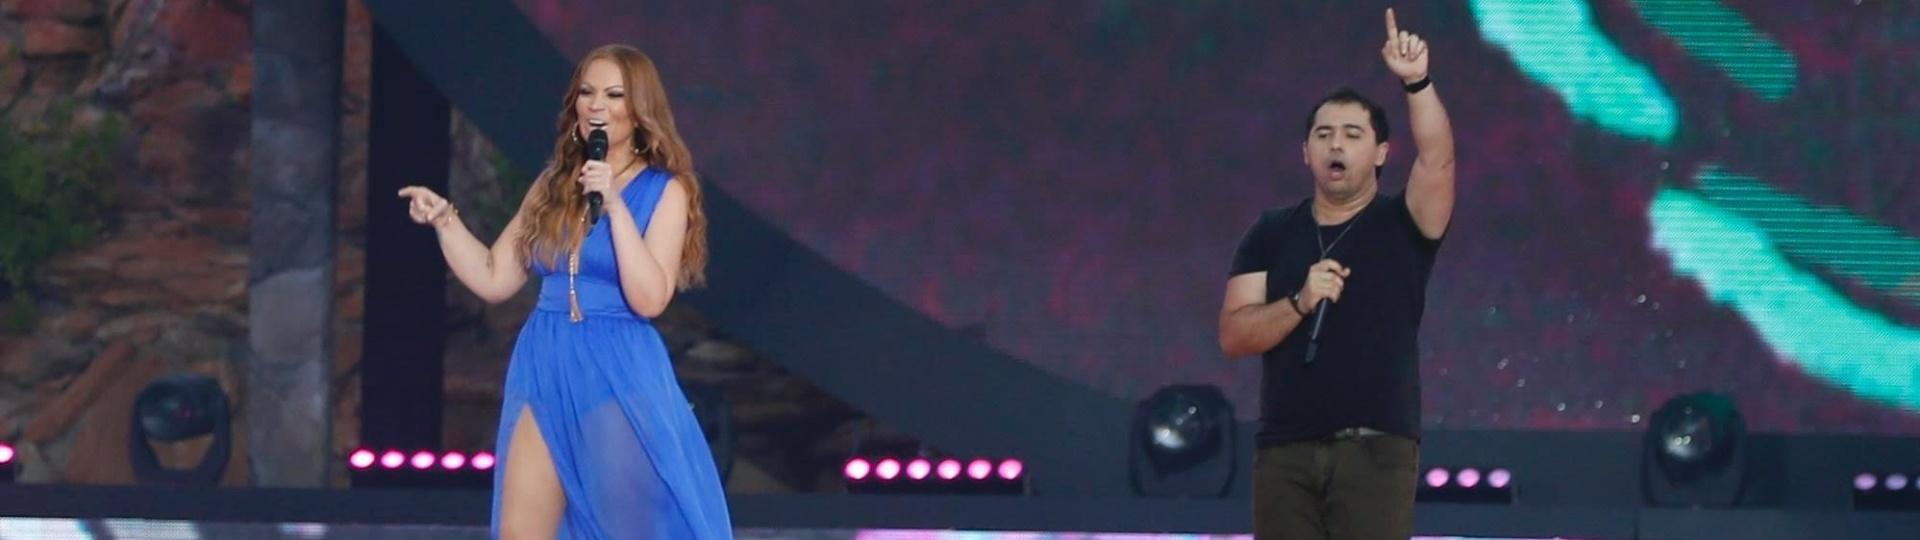 11.jun.2015 - Solange Almeida e Xand se apresentam com os Aviões no Forró na gravação do DVD no Beach Park, em Fortaleza, capital do Ceará, nesta quinta-feira